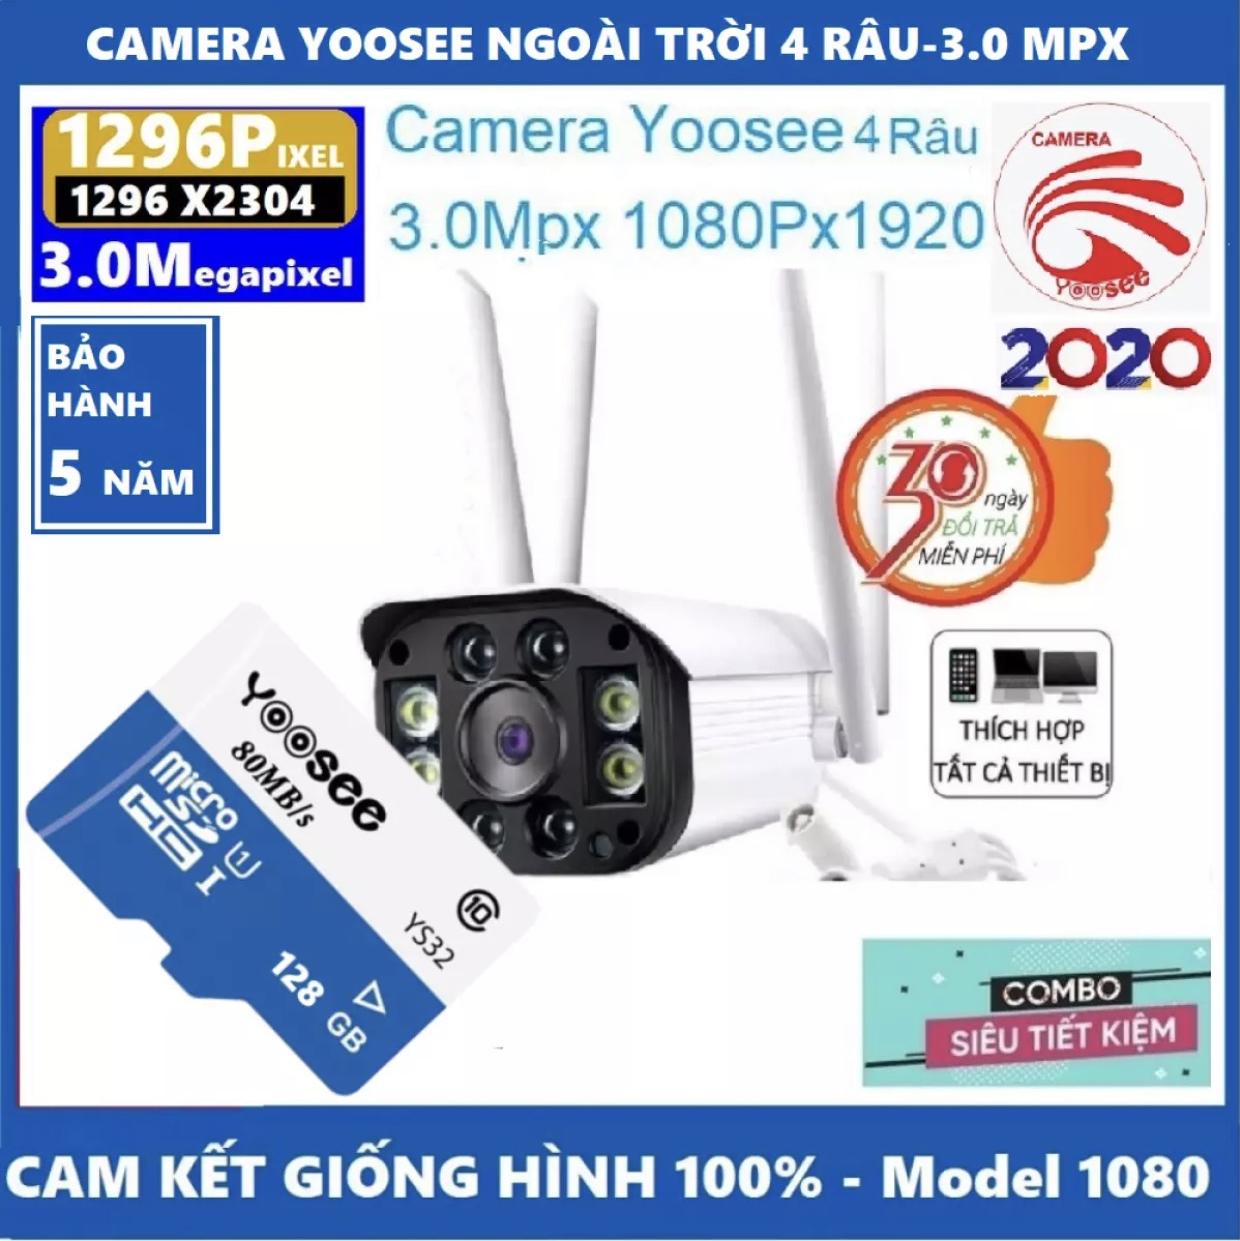 ( CAMERA YOOSEE-TẶNG THẺ NHỚ 128GB YOOSEE CHO MÃ 499k VÀ KHÔNG THẺ CHO MÃ 415K ) camera wifi 3.0 ngoài trời - trong nhà camera yoosee 4 Râu 3.0 Mpx full hd 1080p - hỗ trợ 4 đèn hồng ngoại và 4 đèn LED